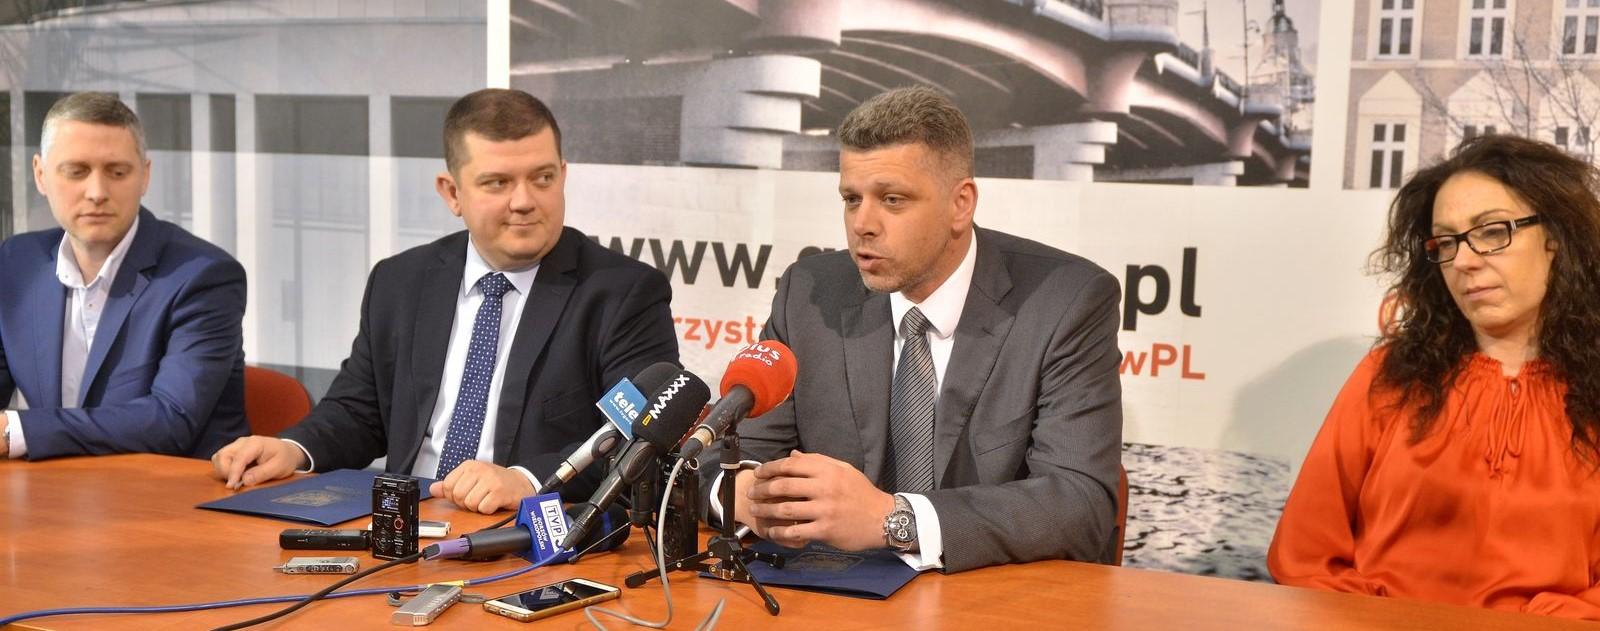 Miasto podpisało z wykonawcą umowę na ponad 65 mln zł (fot. Bartłomiej Nowosielski, UMGW)